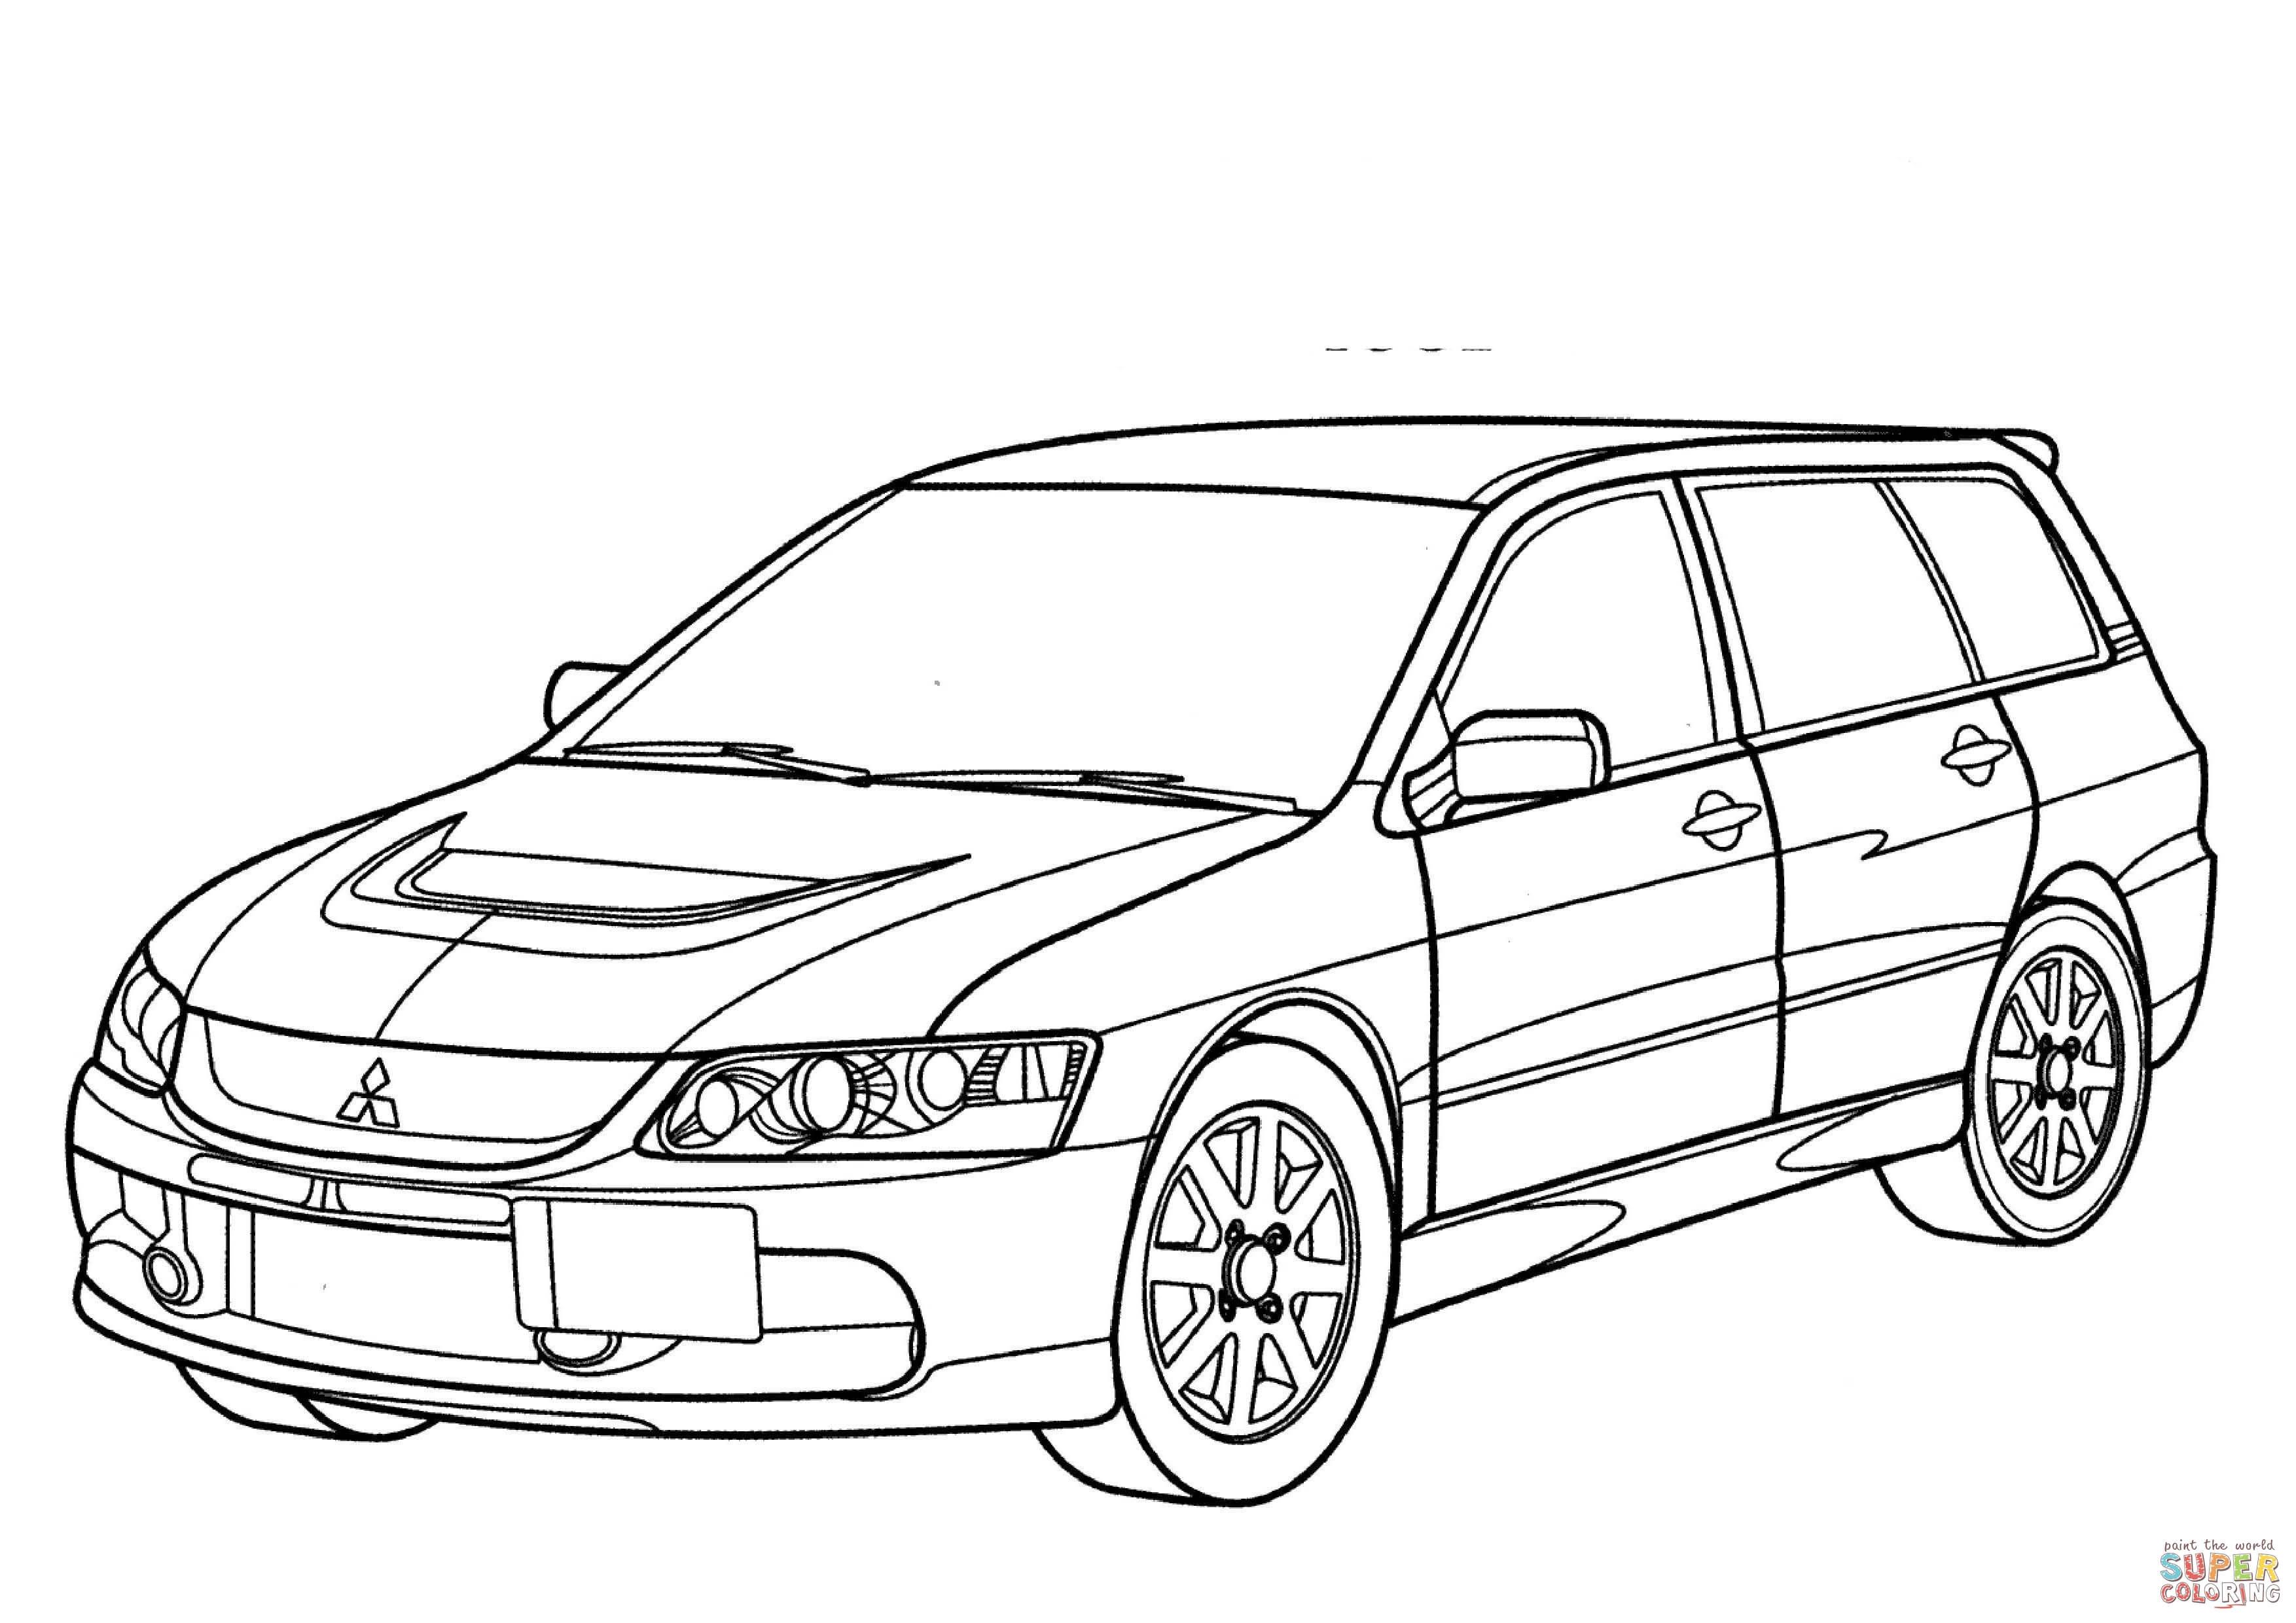 Disegno di Mitsubishi Lancer Evolution Wagon GT da